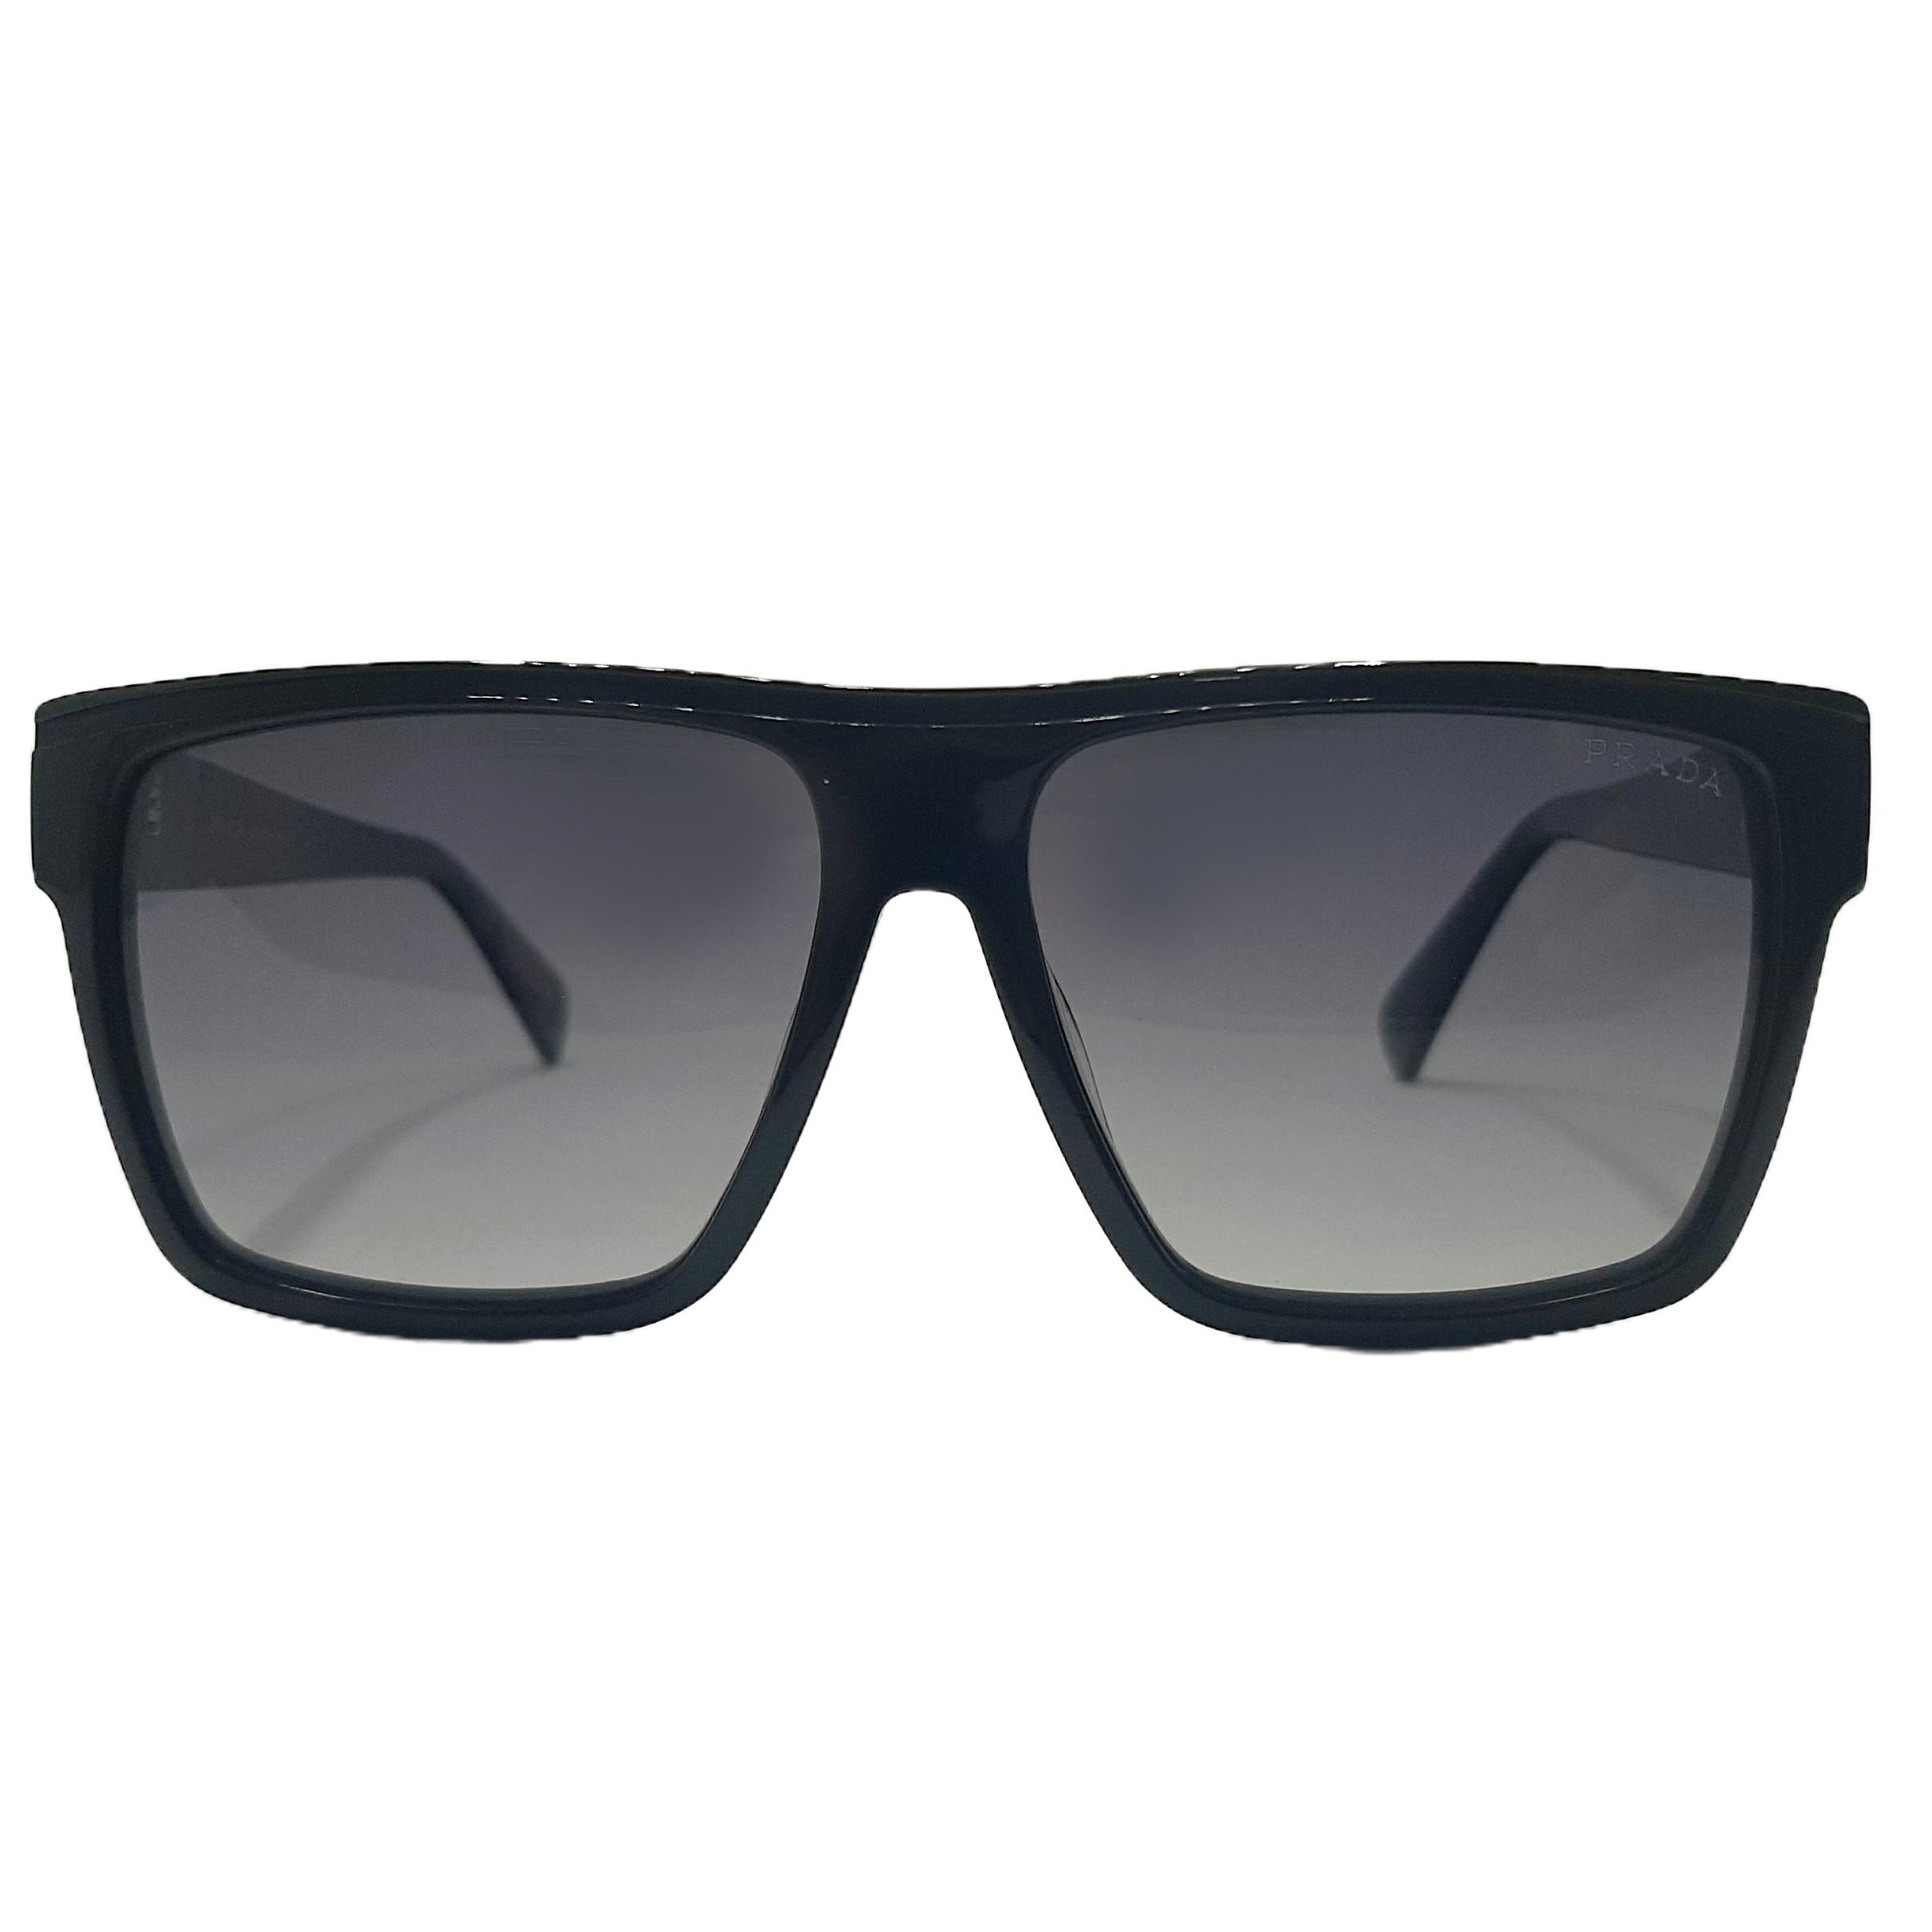 عینک آفتابی پرادا مدل VS8007c2